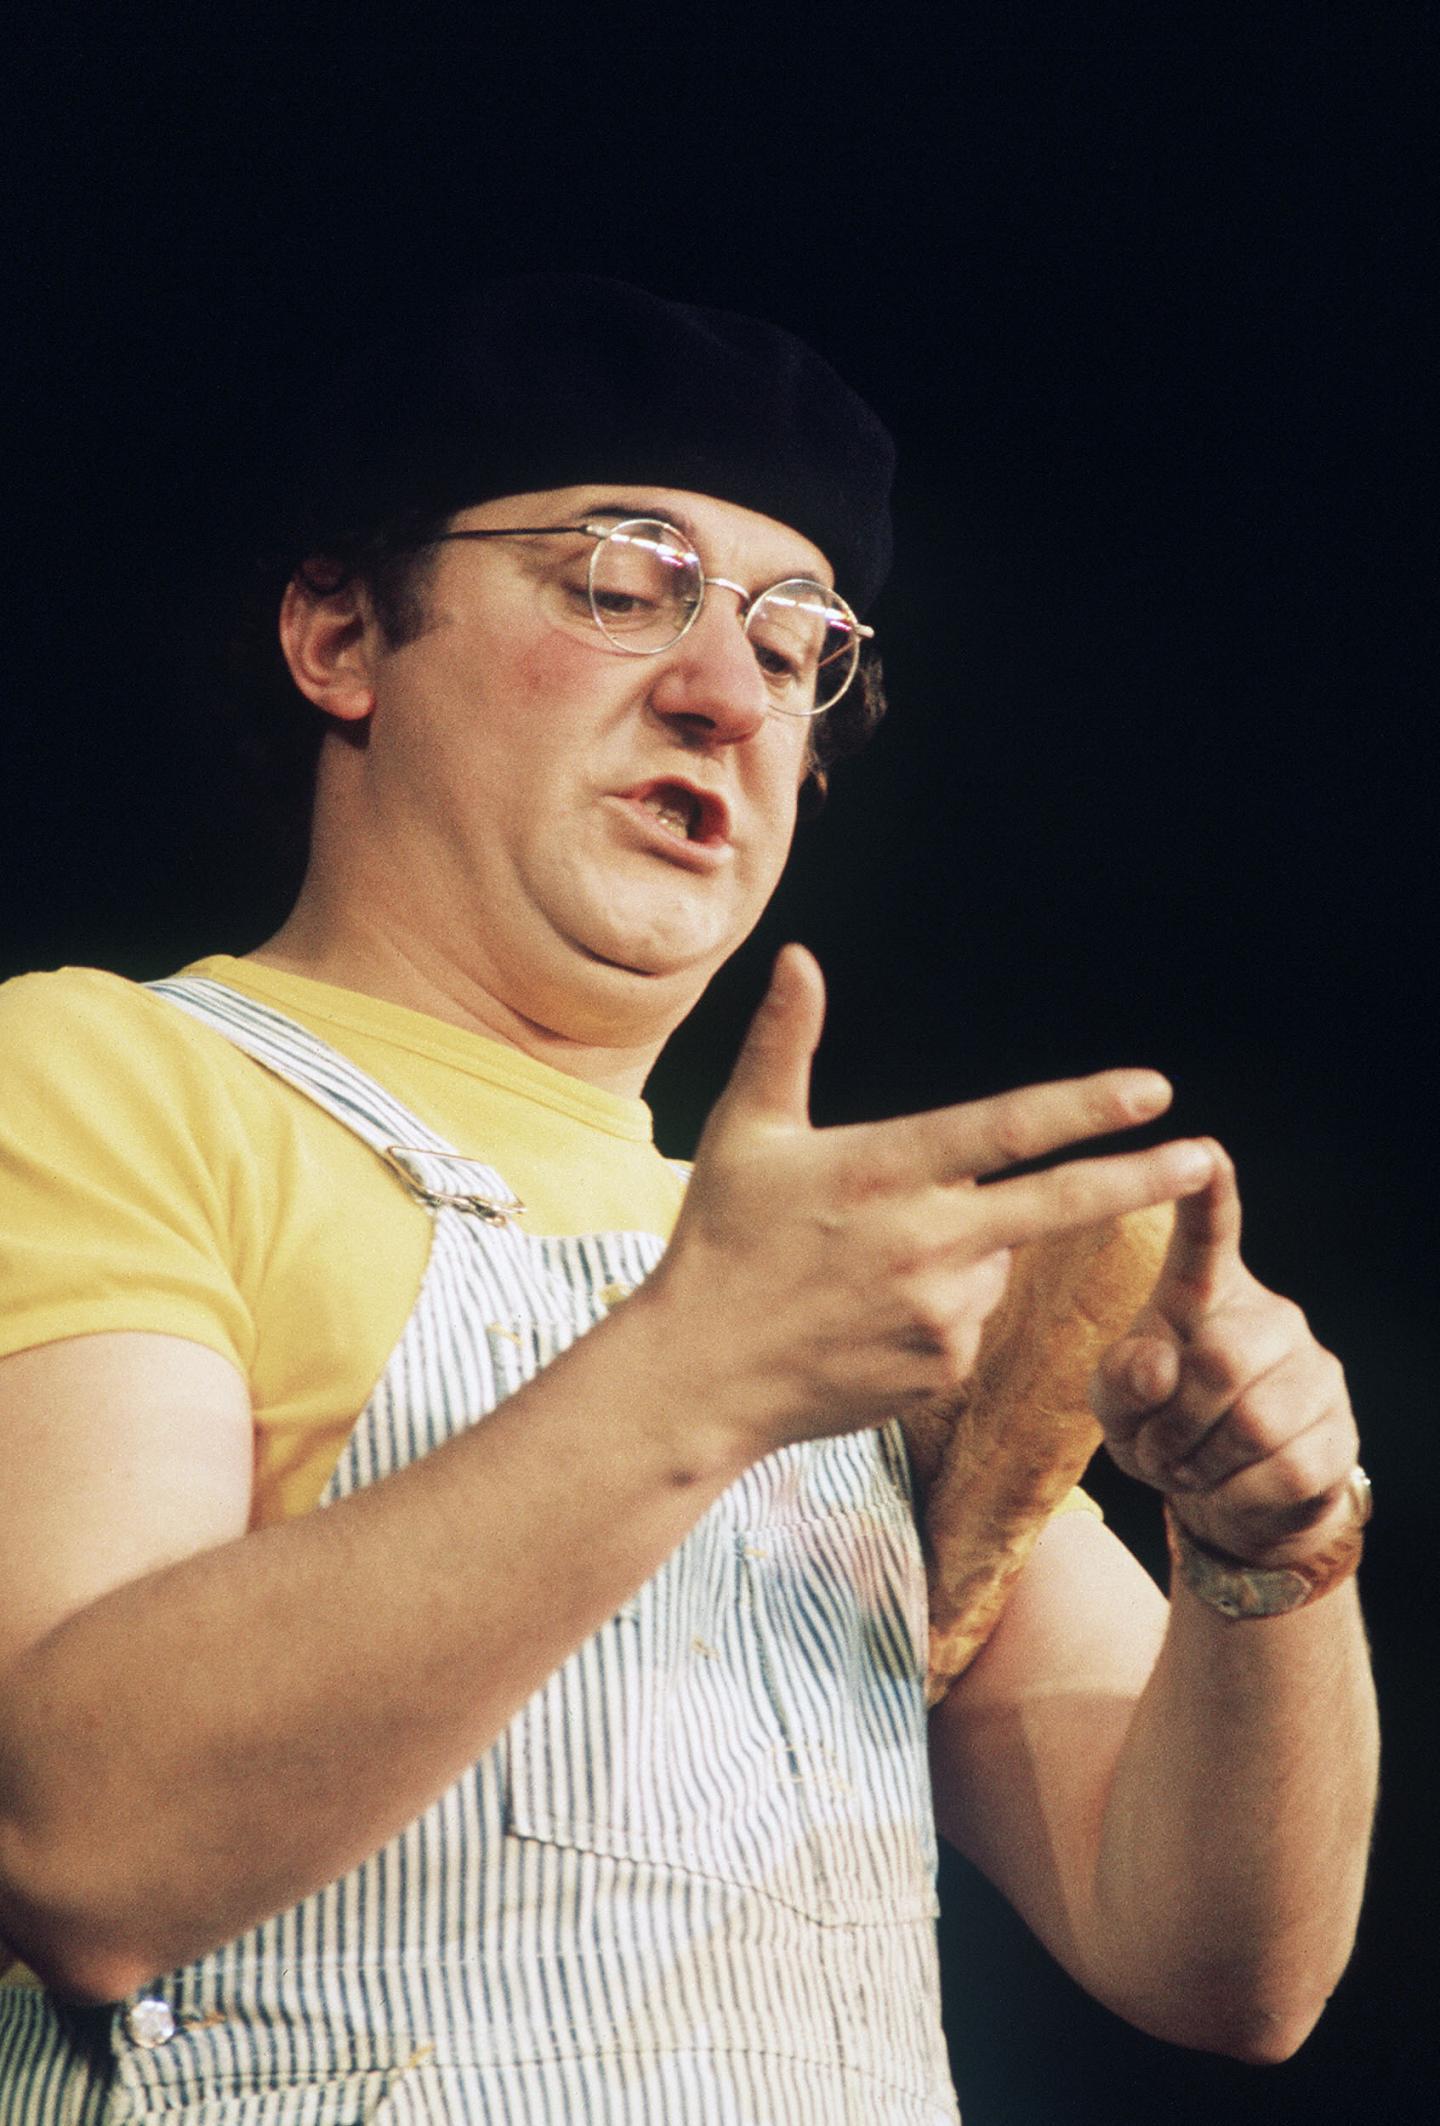 Le chansonnier-fantaisiste Coluche, vêtu de sa traditionnelle salopette rayée sur T-shirt jaune.